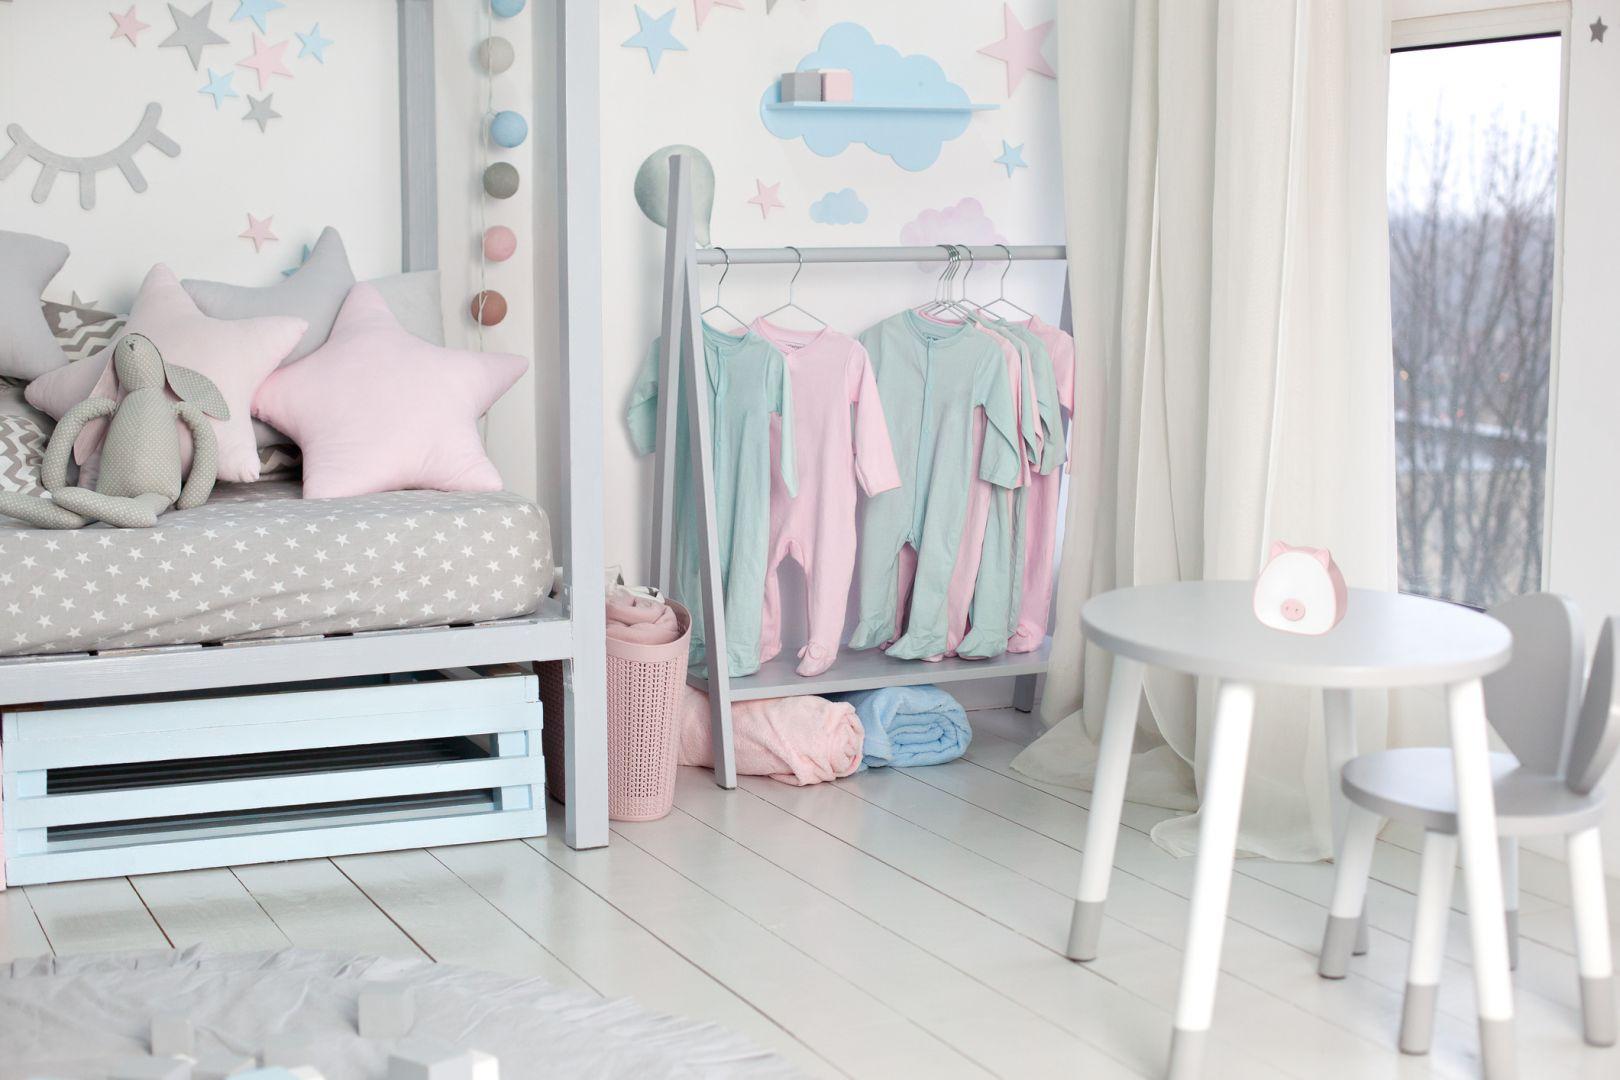 Dziecięcy pokój pełni wiele funkcji – jest strefą, gdzie nasze dziecko odpoczywa, uczy się, ale i relaksuje.